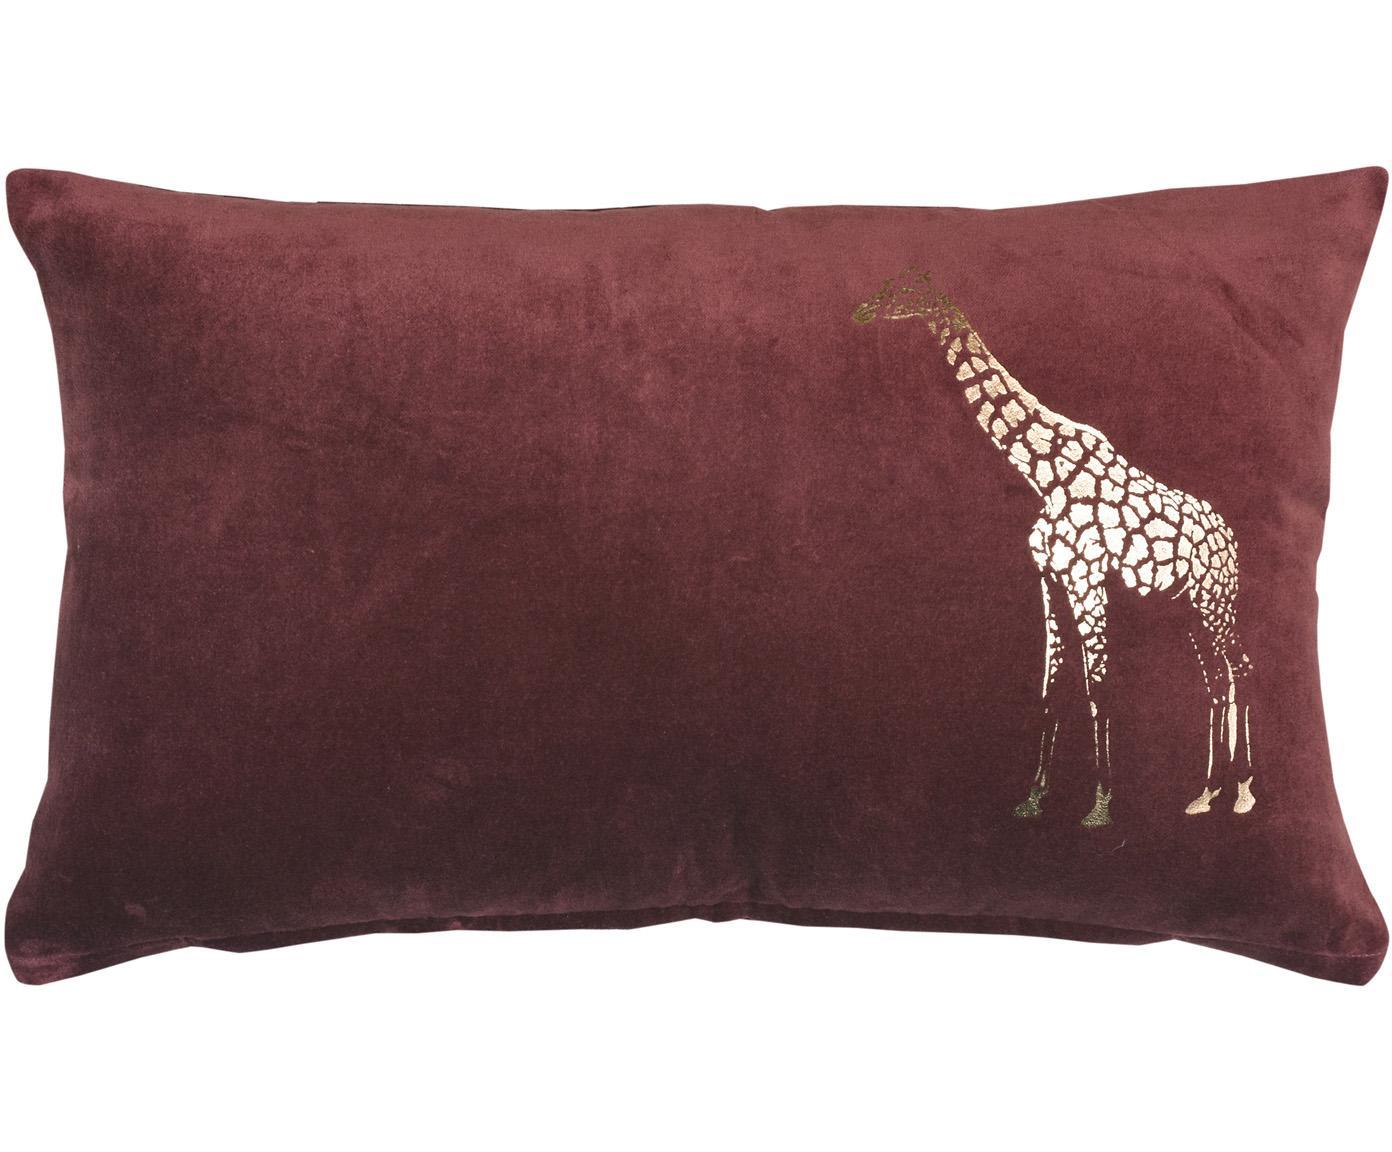 Poduszka z wypełnieniem Giraffe, Tapicerka: 100% bawełna, Odcienie bordo, odcienie złotego, S 30 x D 50 cm